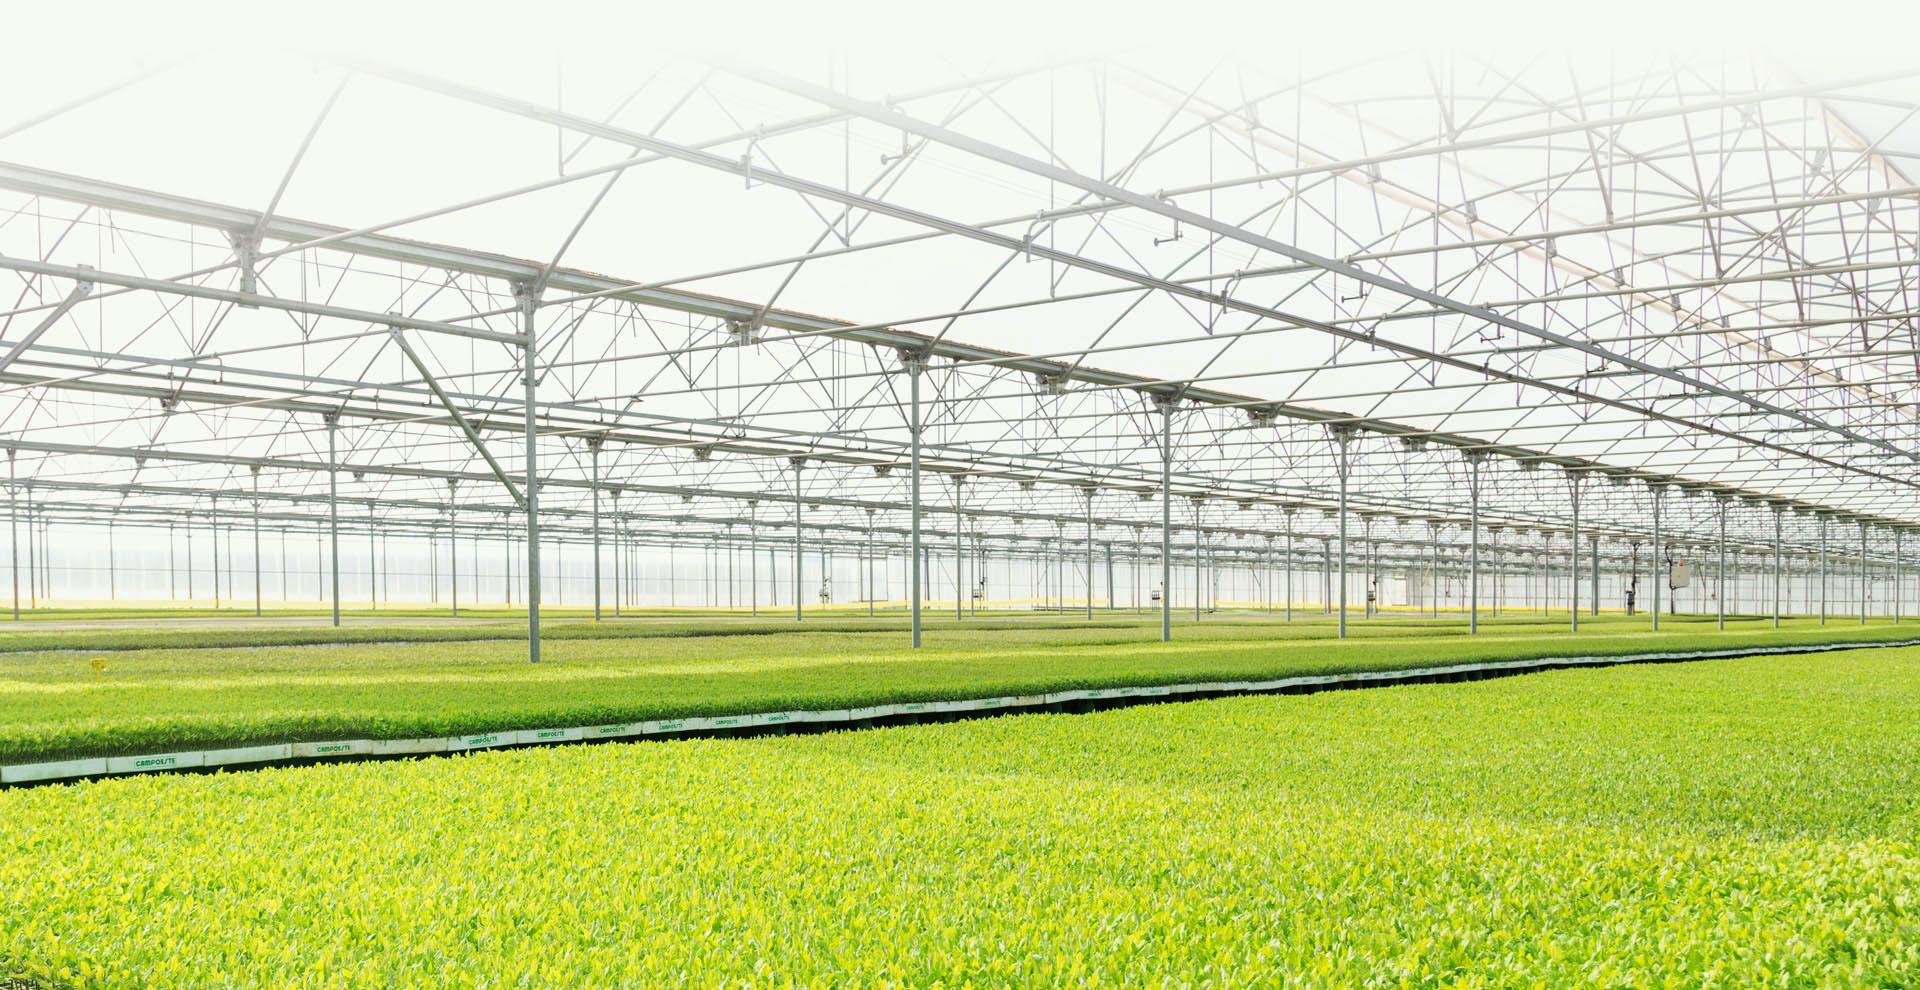 Viveiros de plantas agrícolas